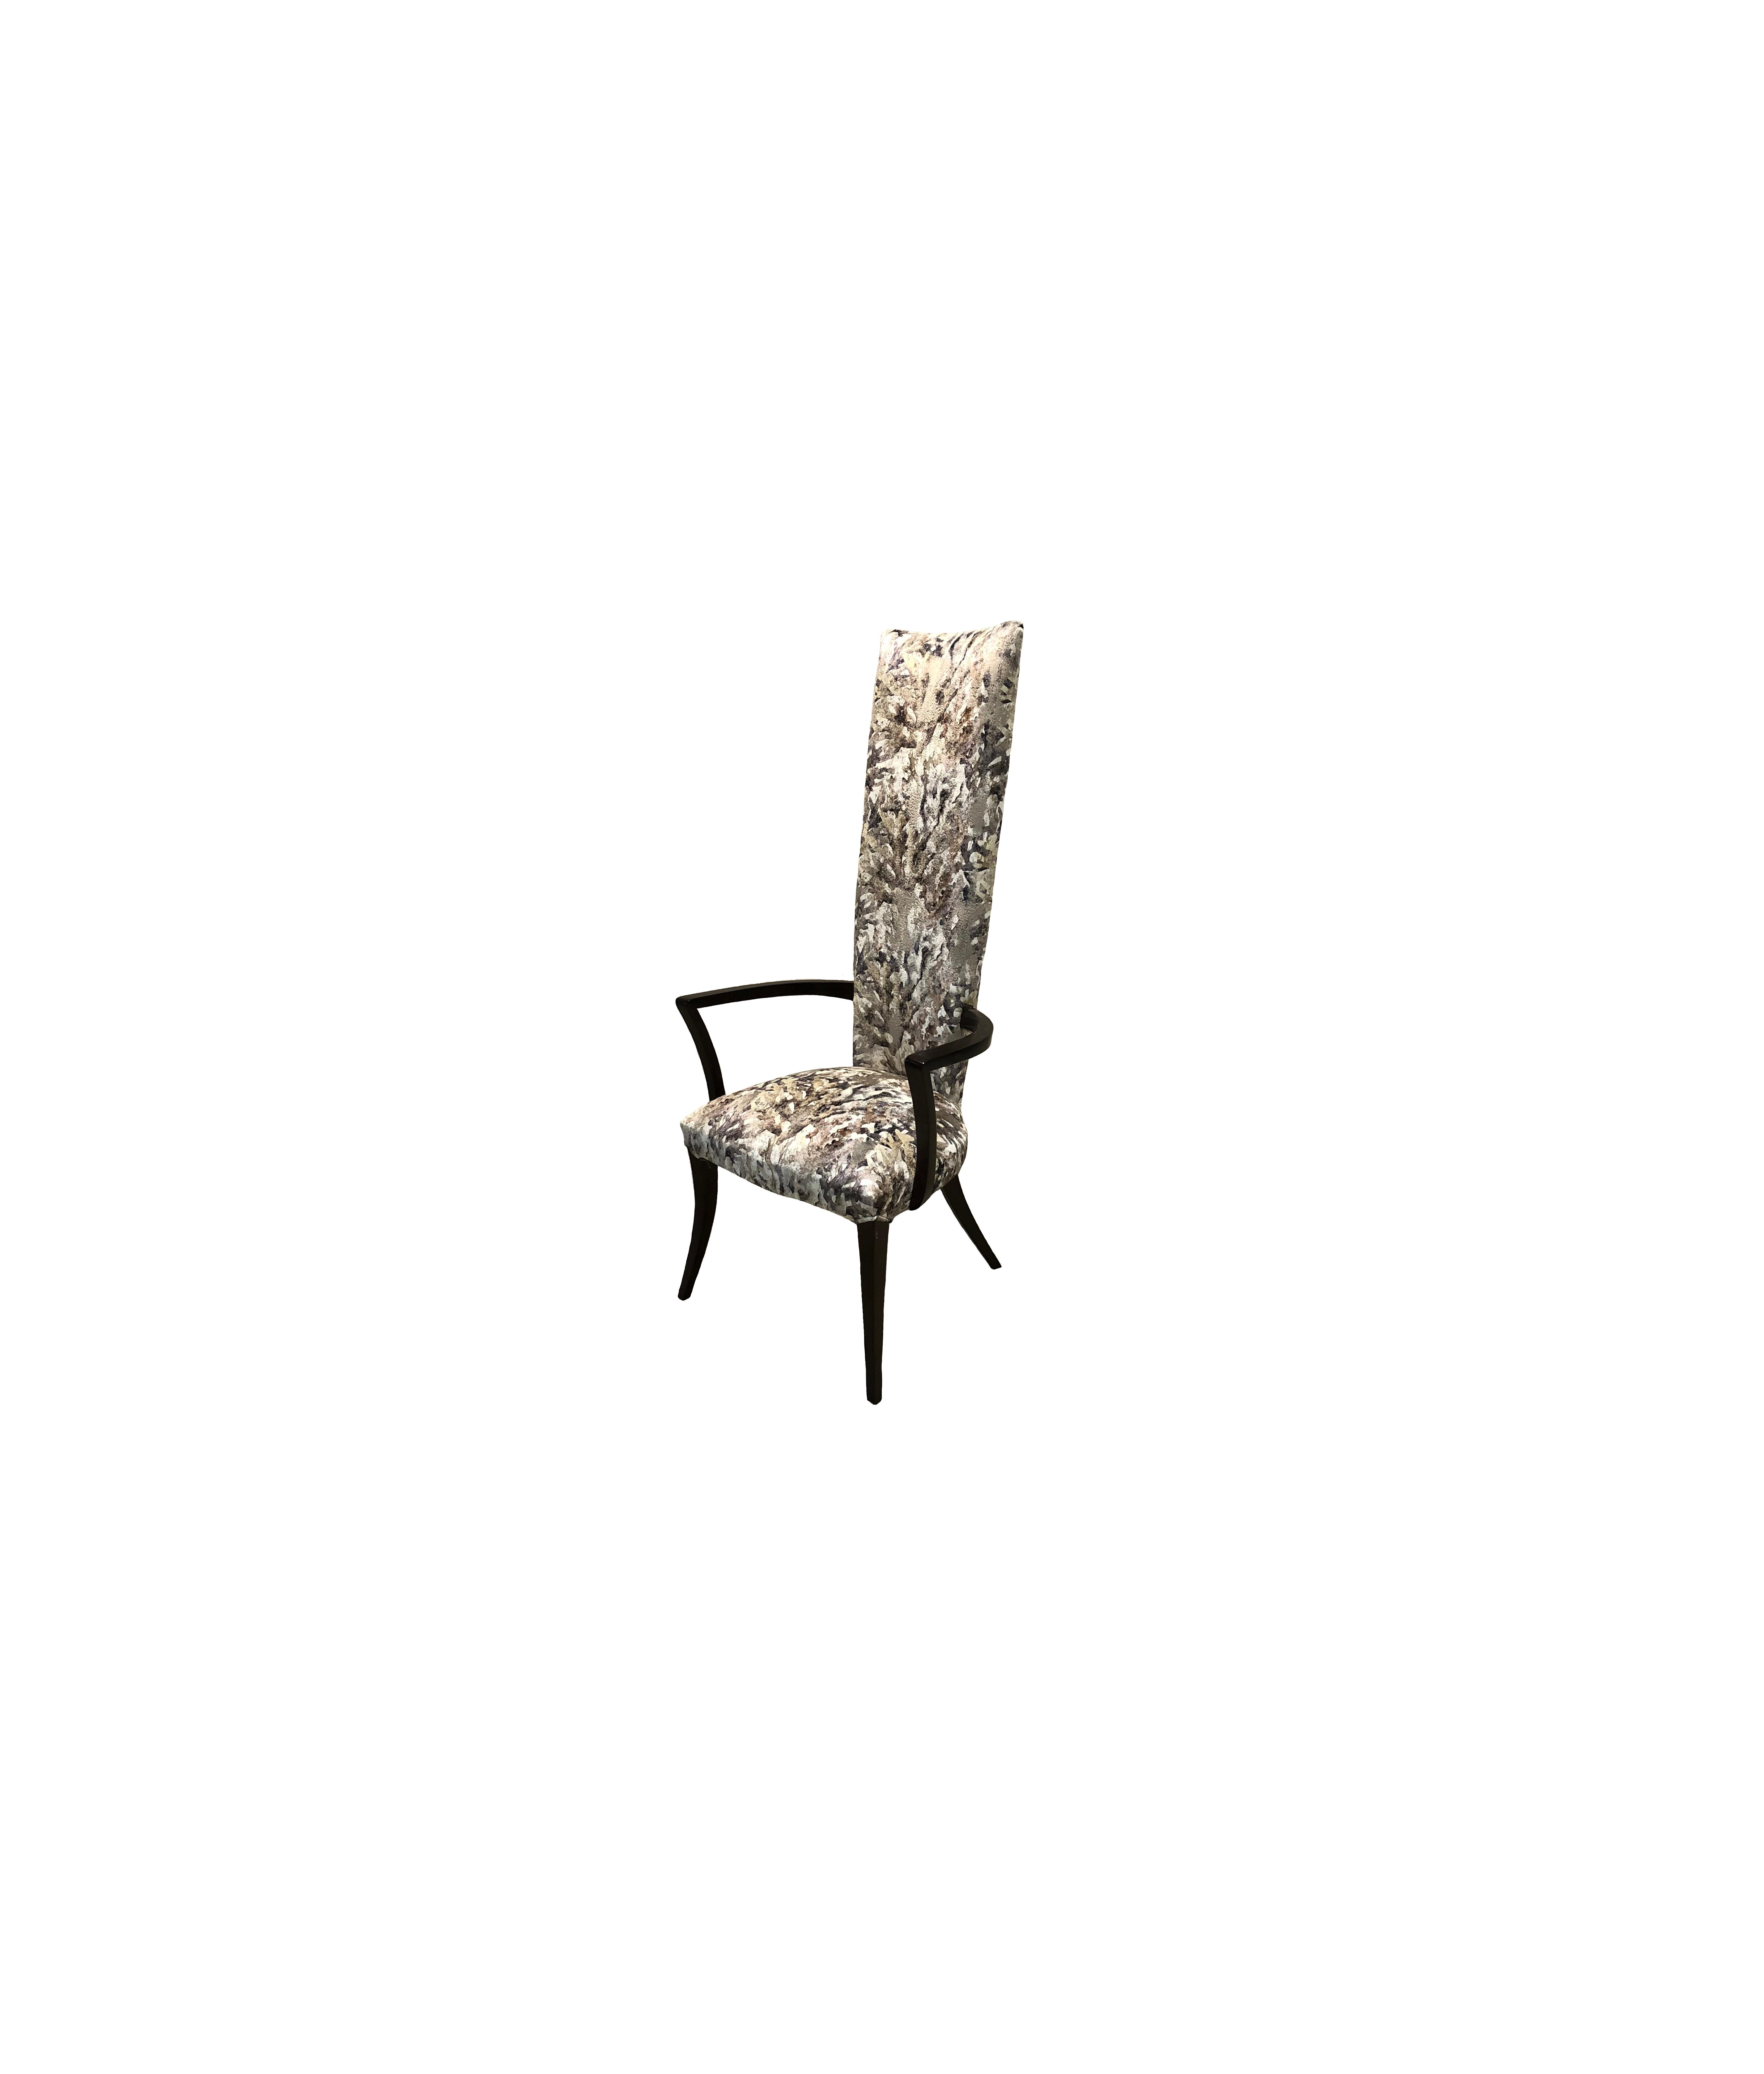 Veronica frameless chair